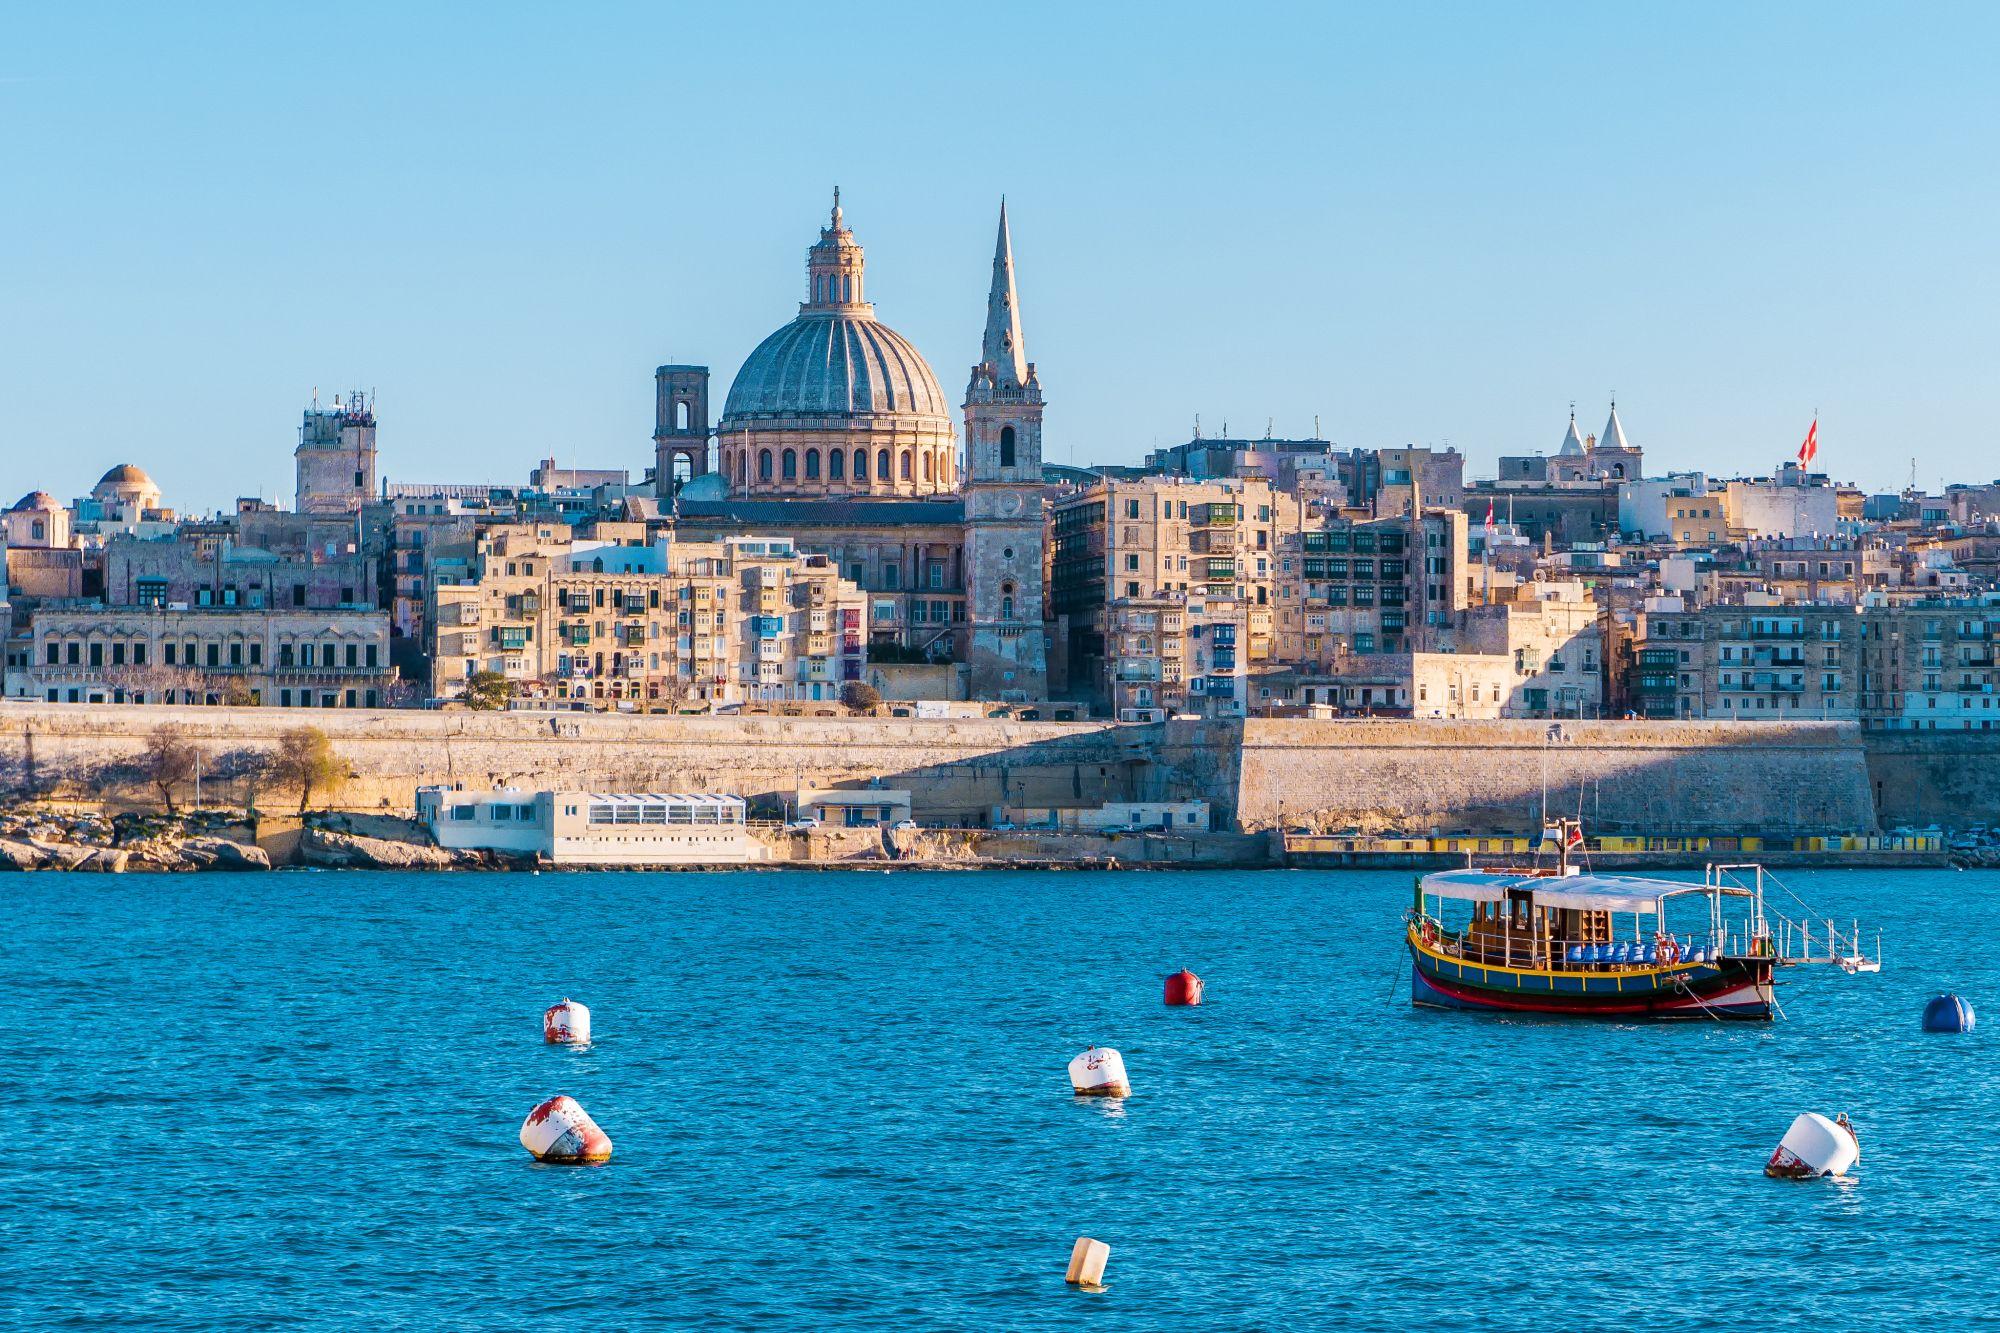 Malta widok Valetty